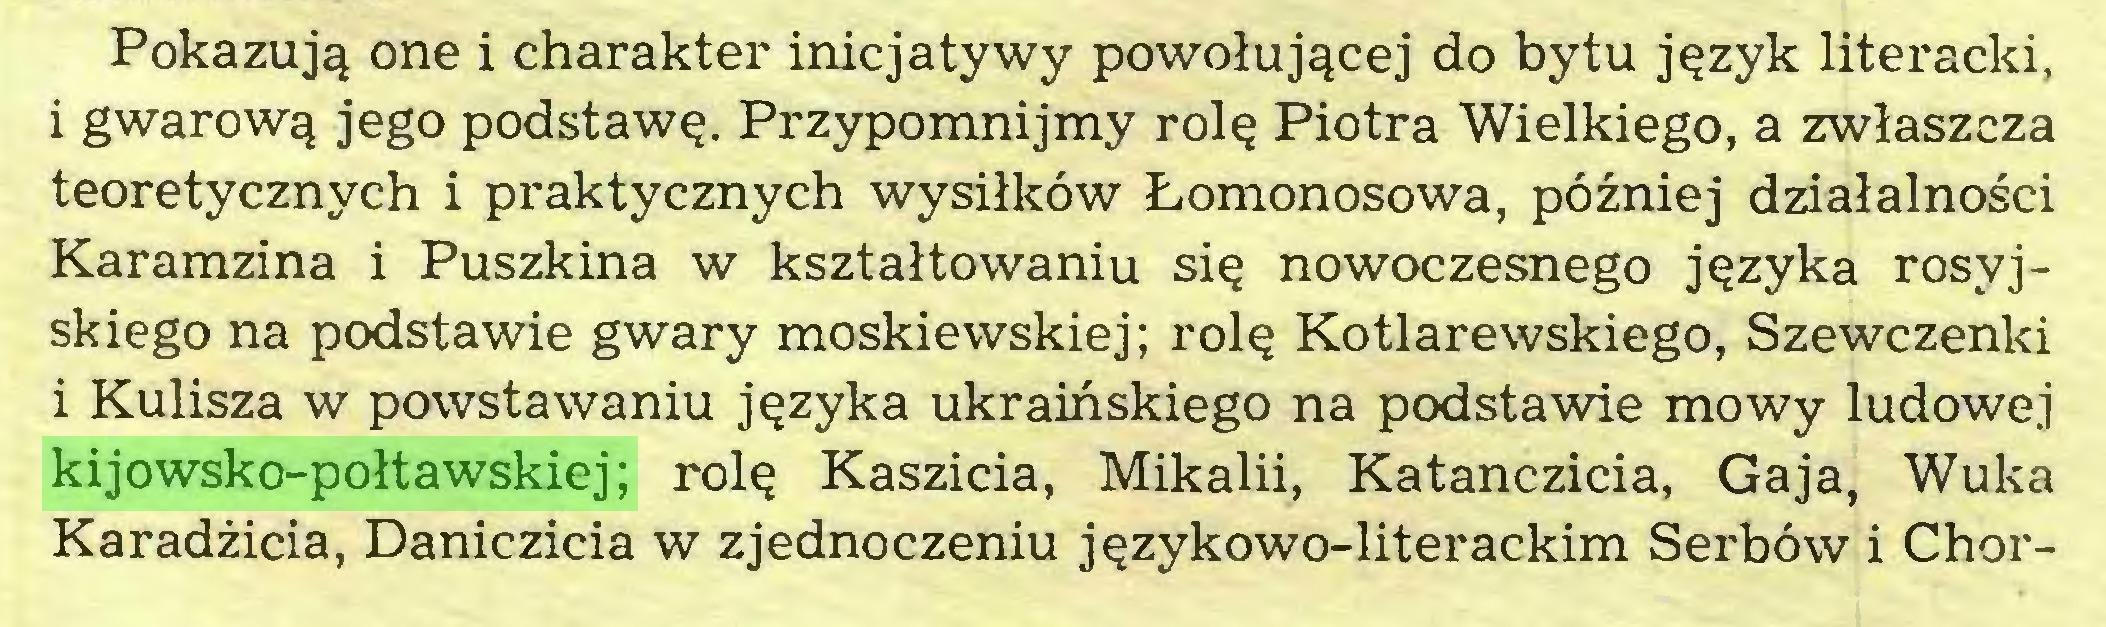 (...) Pokazują one i charakter inicjatywy powołującej do bytu język literacki, i gwarową jego podstawę. Przypomnijmy rolę Piotra Wielkiego, a zwłaszcza teoretycznych i praktycznych wysiłków Łomonosowa, później działalności Karamzina i Puszkina w kształtowaniu się nowoczesnego języka rosyjskiego na podstawie gwary moskiewskiej; rolę Kotlarewskiego, Szewczenki i Kulisza w powstawaniu języka ukraińskiego na podstawie mowy ludowej kijowsko-połtawskiej; rolę Kaszicia, Mikalii, Katanczicia, Gaja, Wuka Karadżicia, Daniczicia w zjednoczeniu językowo-literackim Serbów i Chor...